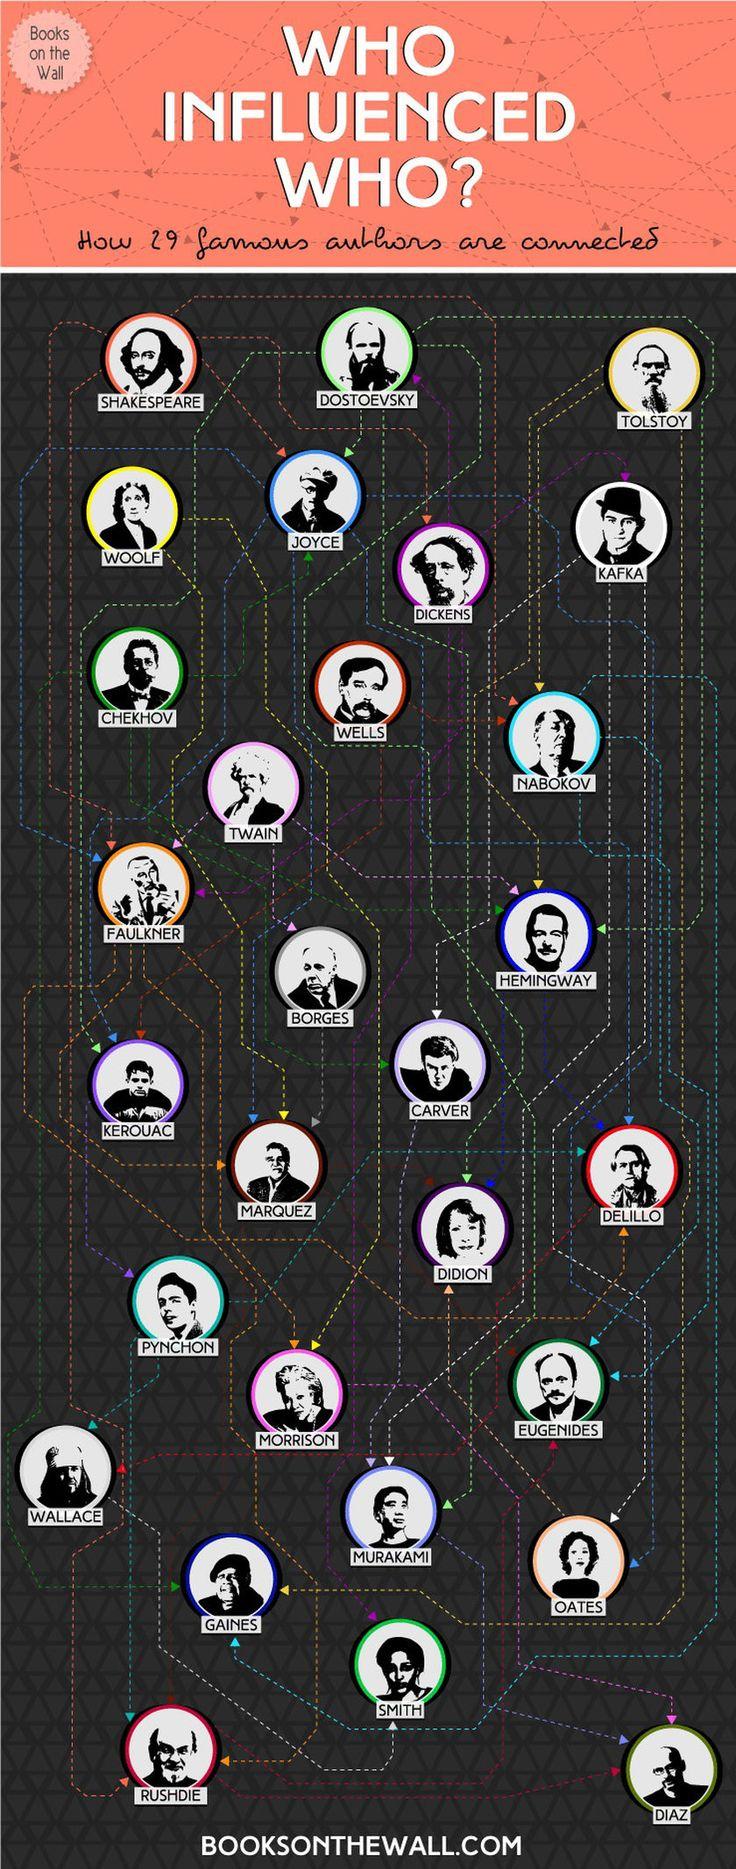 Elke artiest wordt beïnvloed door anderen, ook bij schrijvers is dit het geval. Deze afbeelding geeft weer hoe al deze bekende schrijvers verbonden zijn met elkaar.